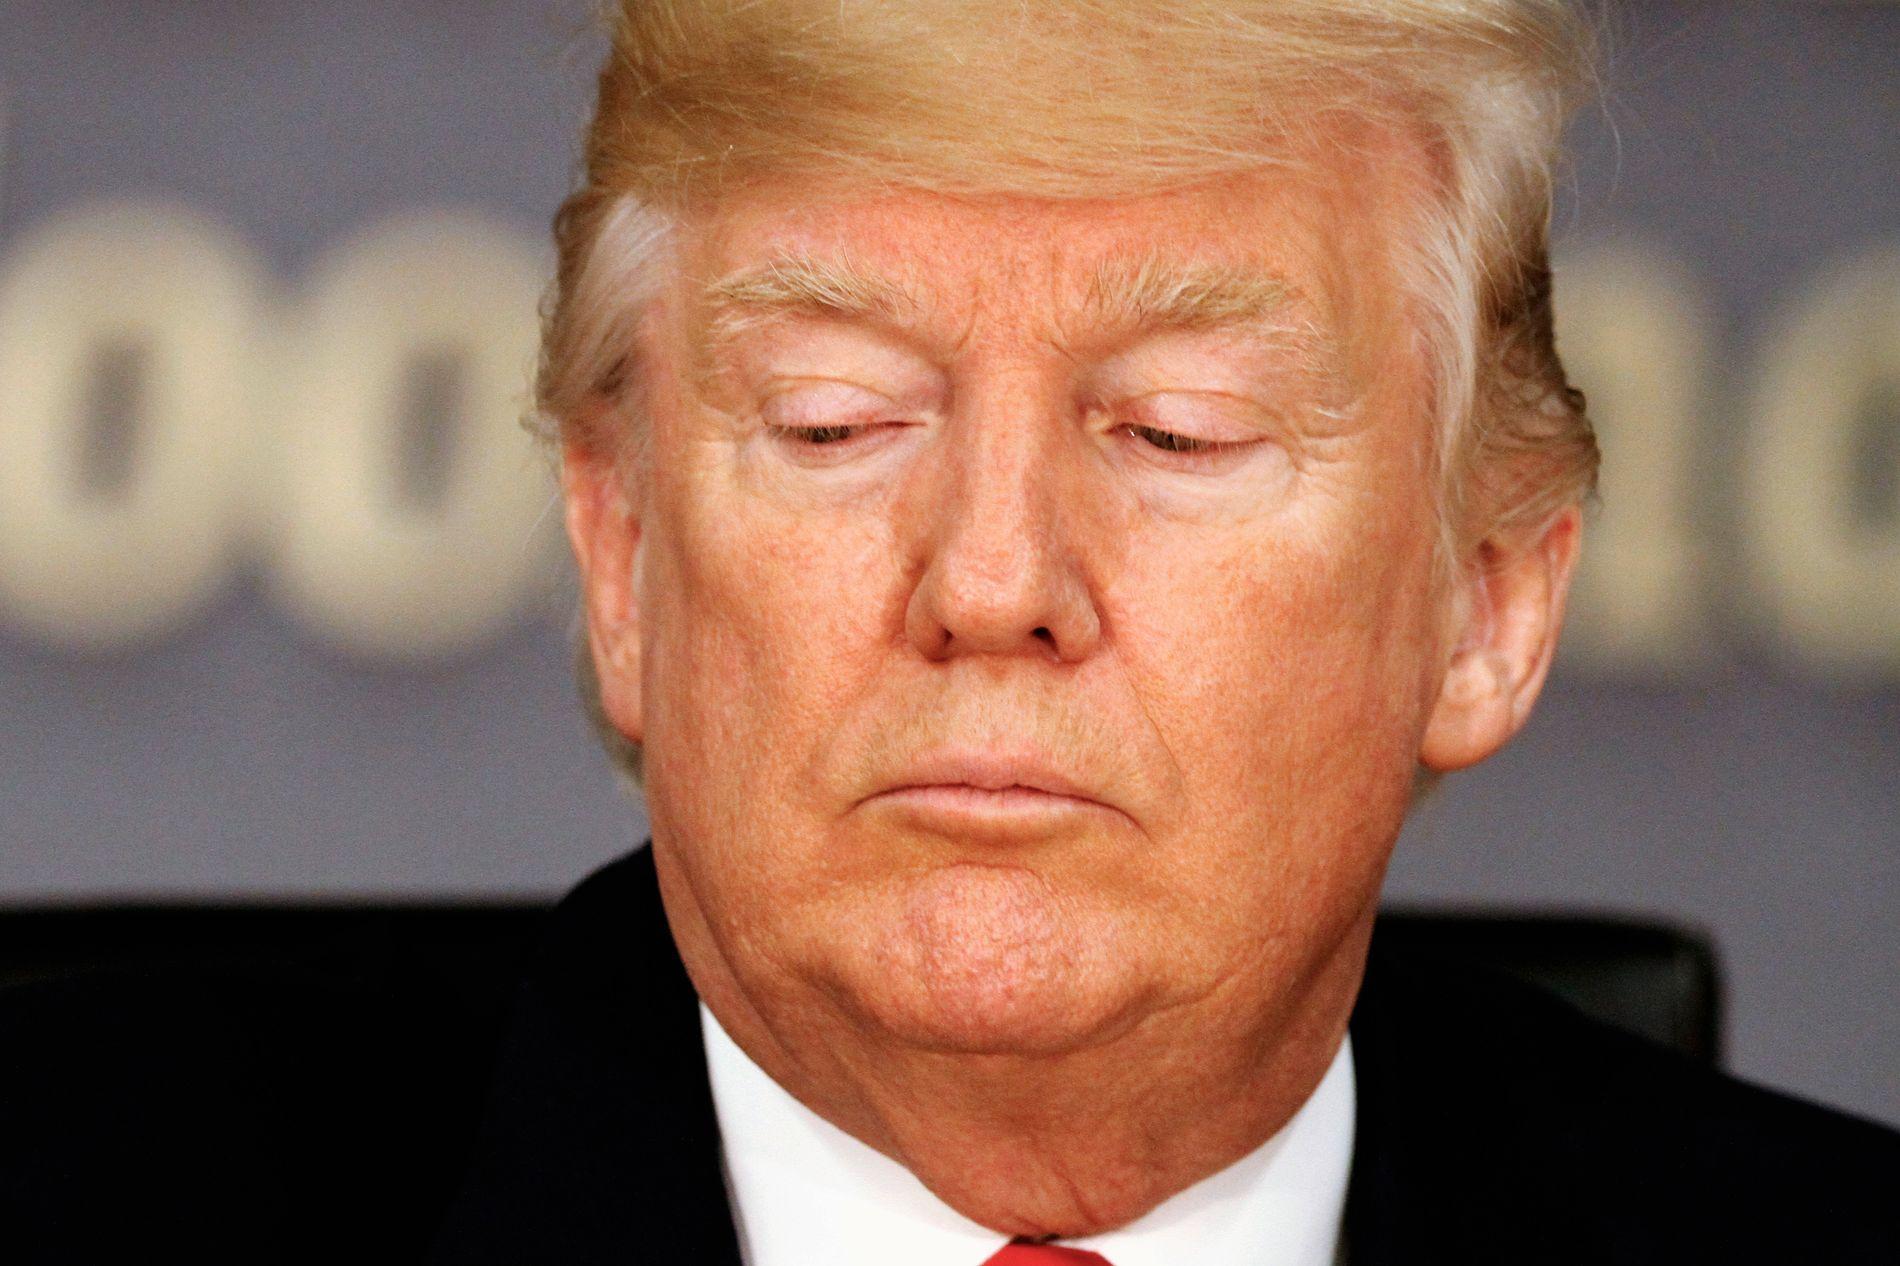 MØTER MOTSTAND: USAs president Donald Trump lovet under valgkampen å fjerne DACA, men møtte kraftig motstand da han gjorde det tirsdag.